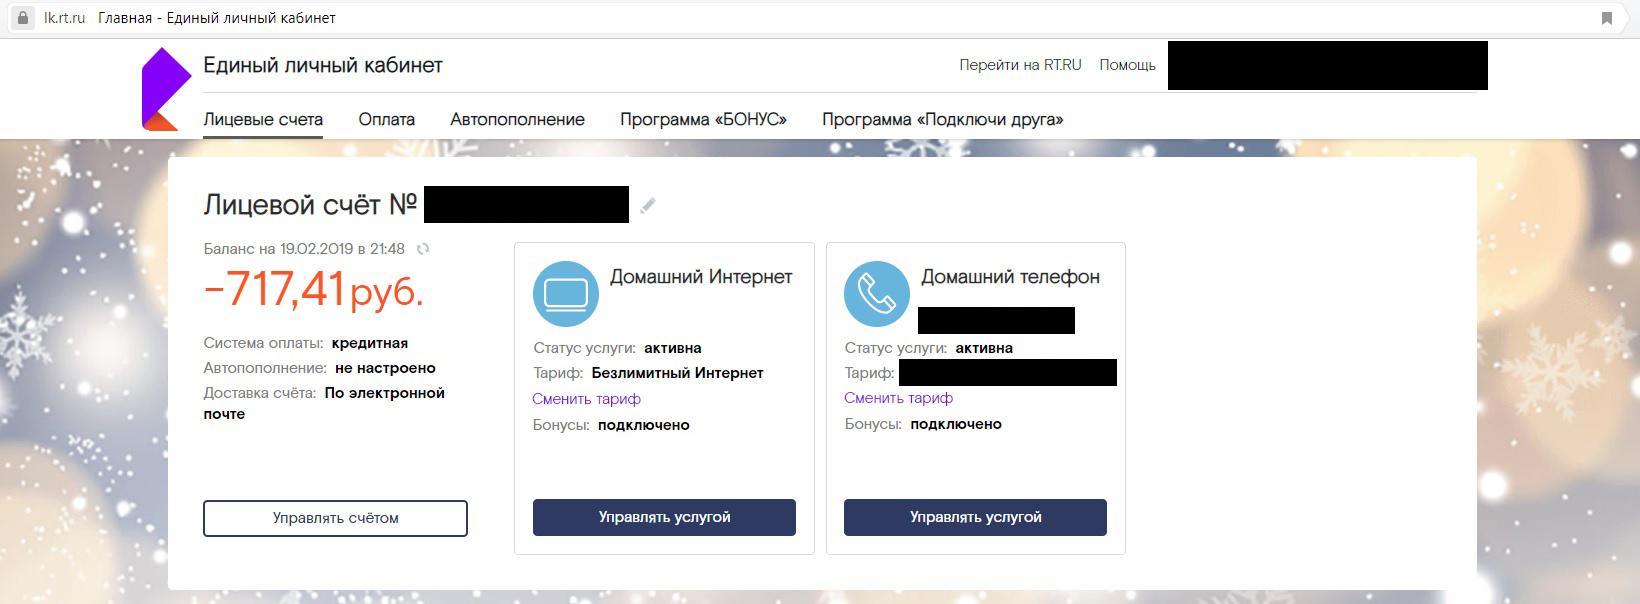 Строка баланса лицевого счёта на примере личного кабинета «Ростелеком»